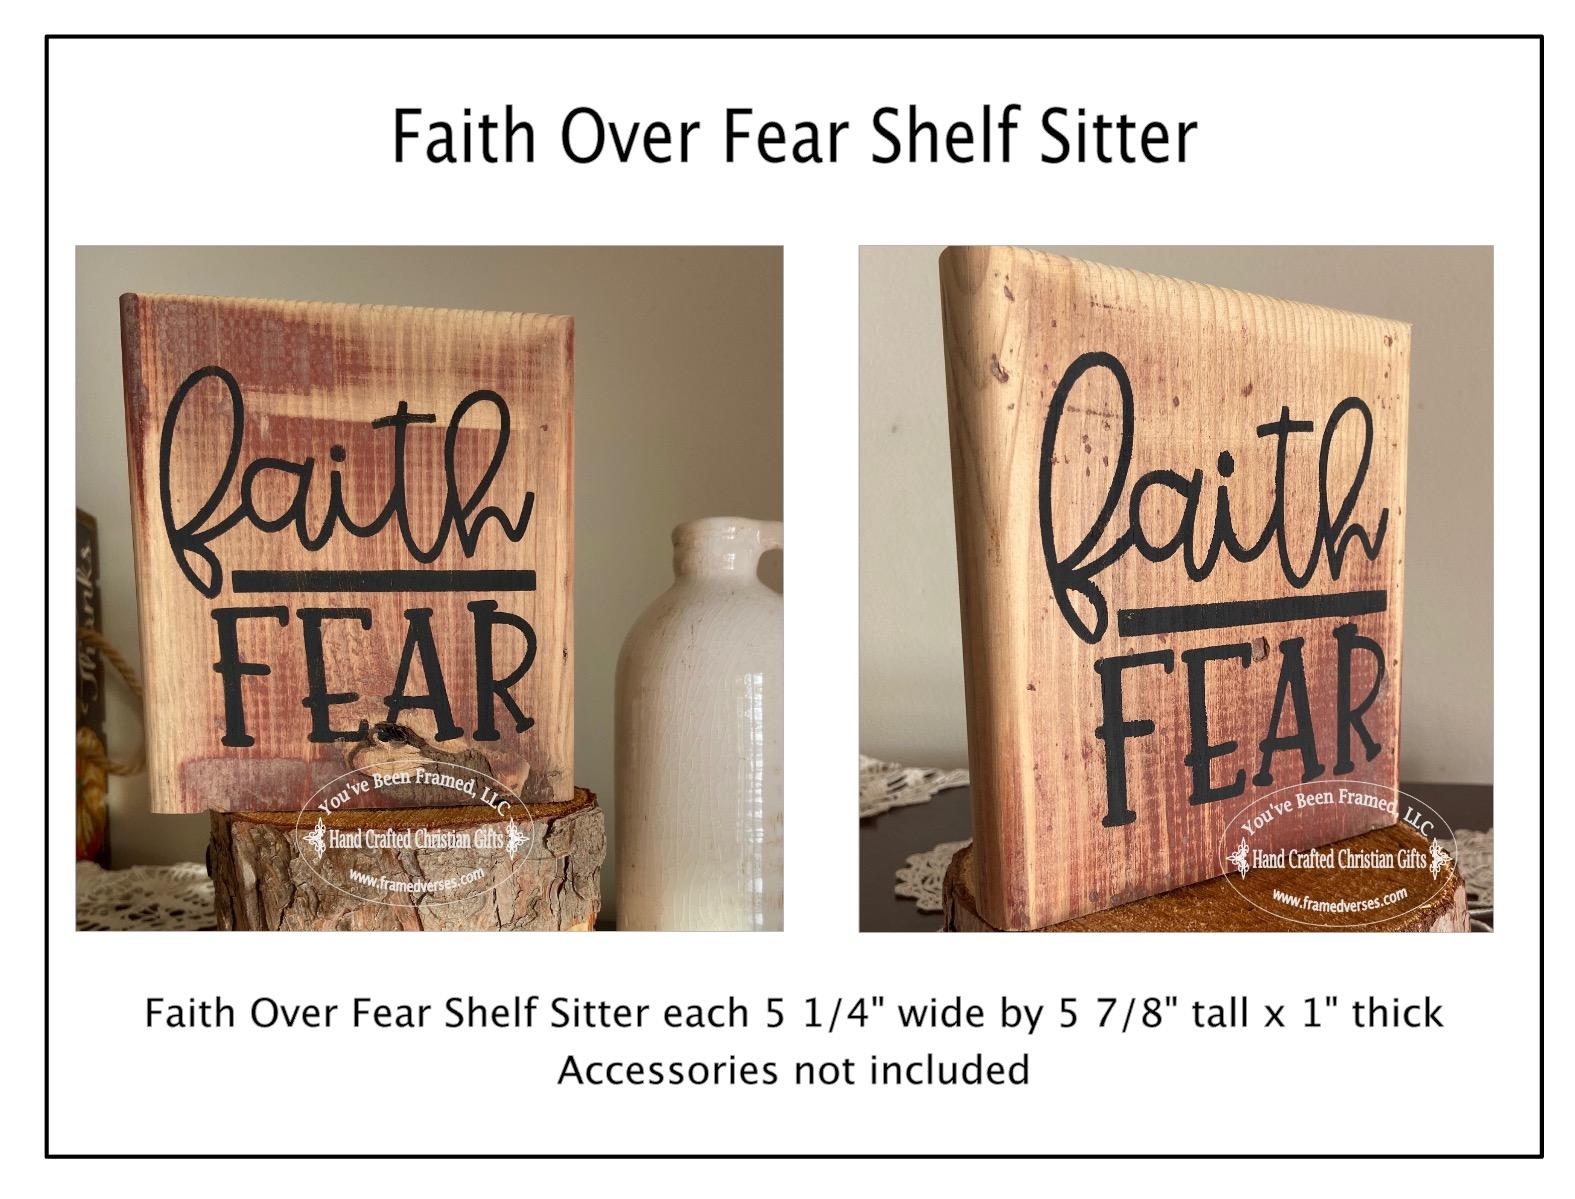 Faith Over Fear Shelf Sitter